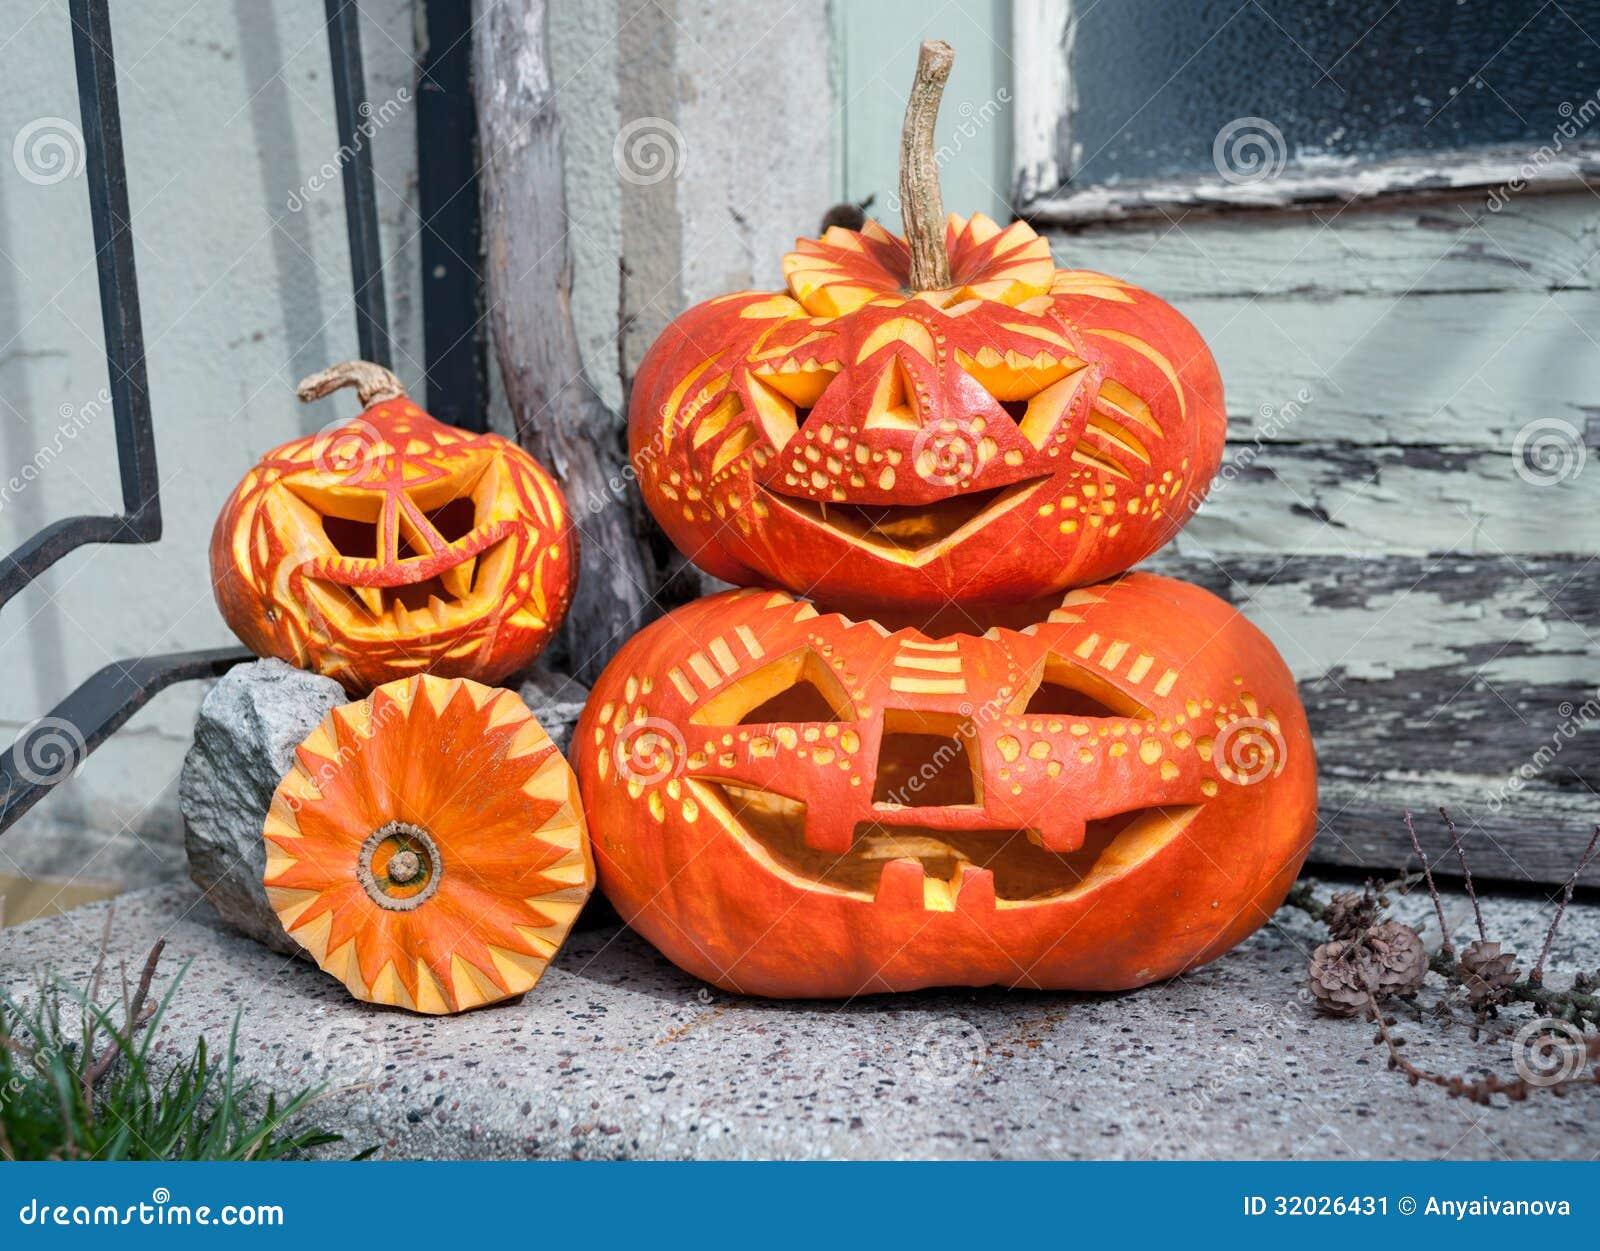 zucche scolpite di halloween immagine stock immagine